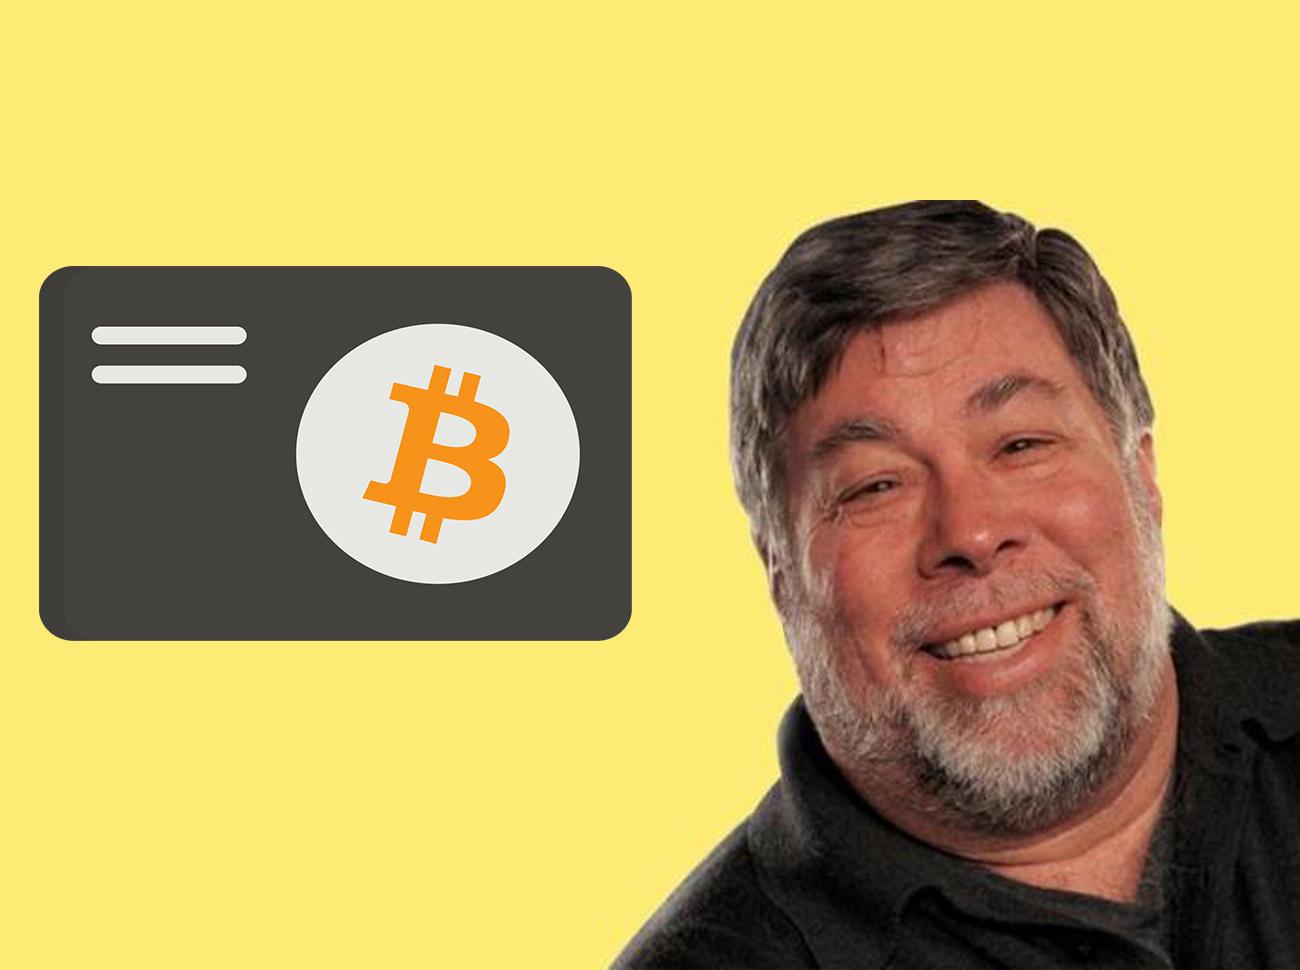 Apple'ın Kurucularından Steve Wozniak Bitcoin'lerini Çaldırdı